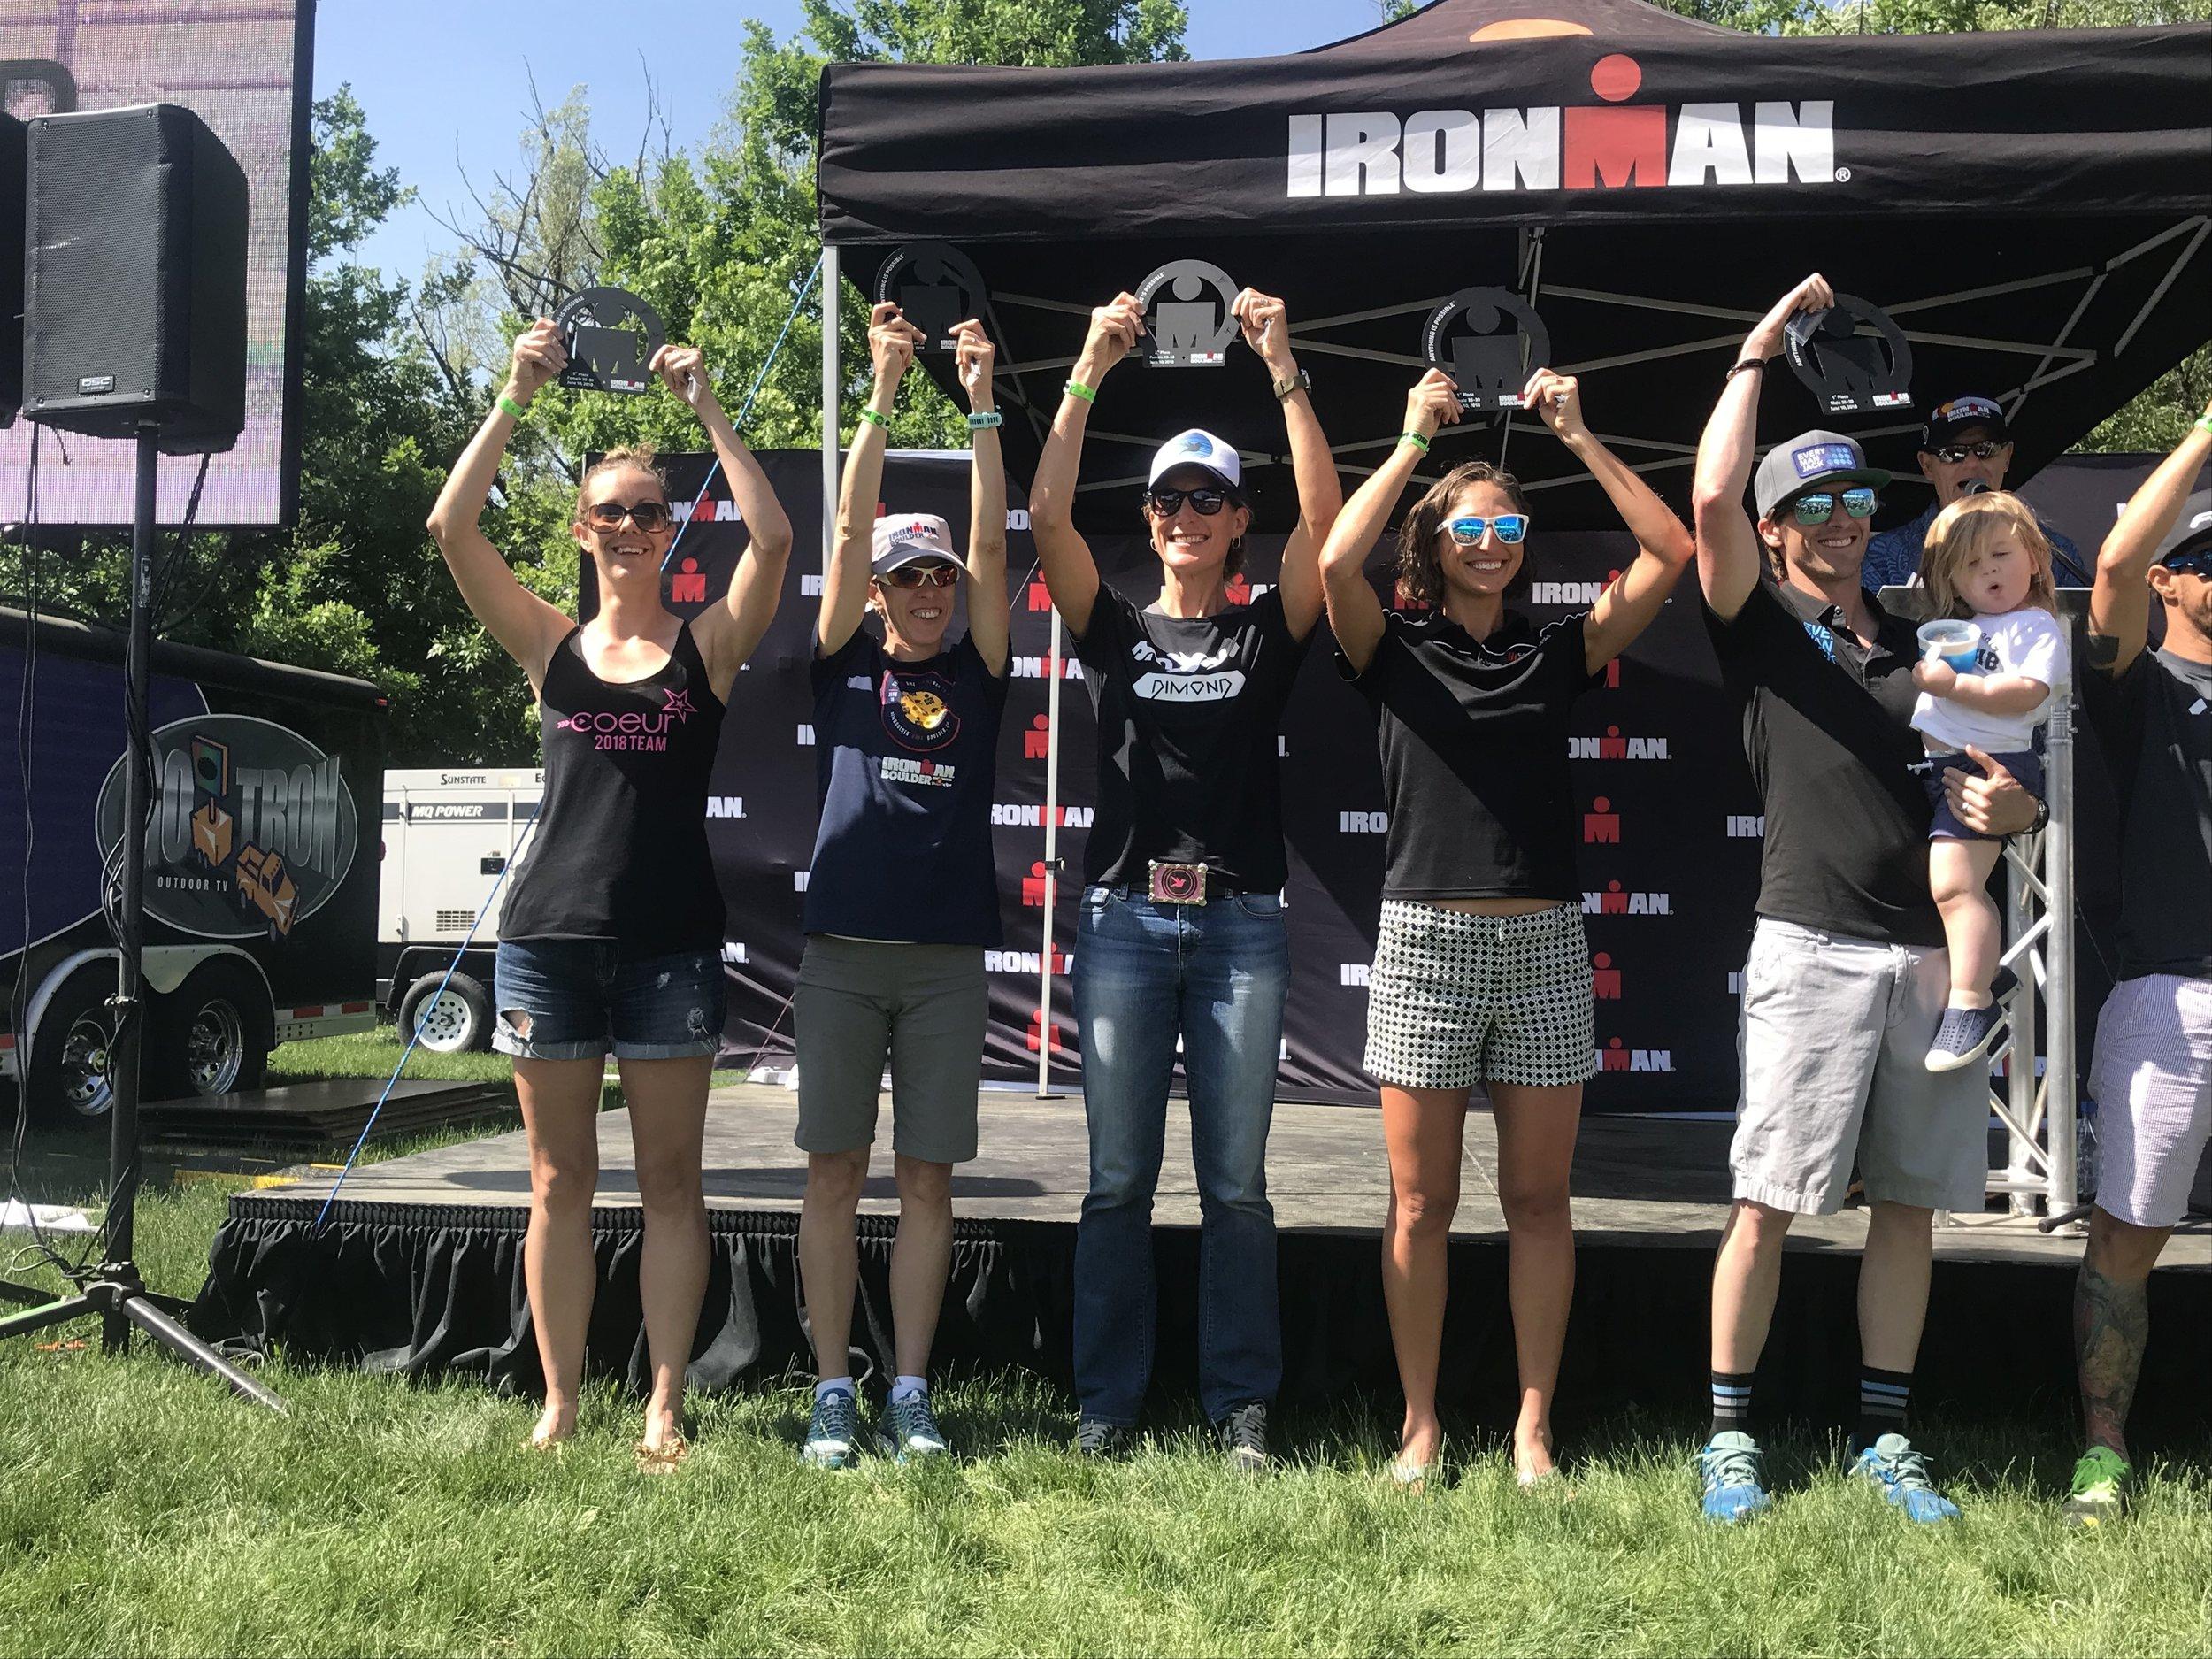 Women's 35 - 39 Age Group podium. I placed 2nd.:) Photo courtesy of Amy Hite.